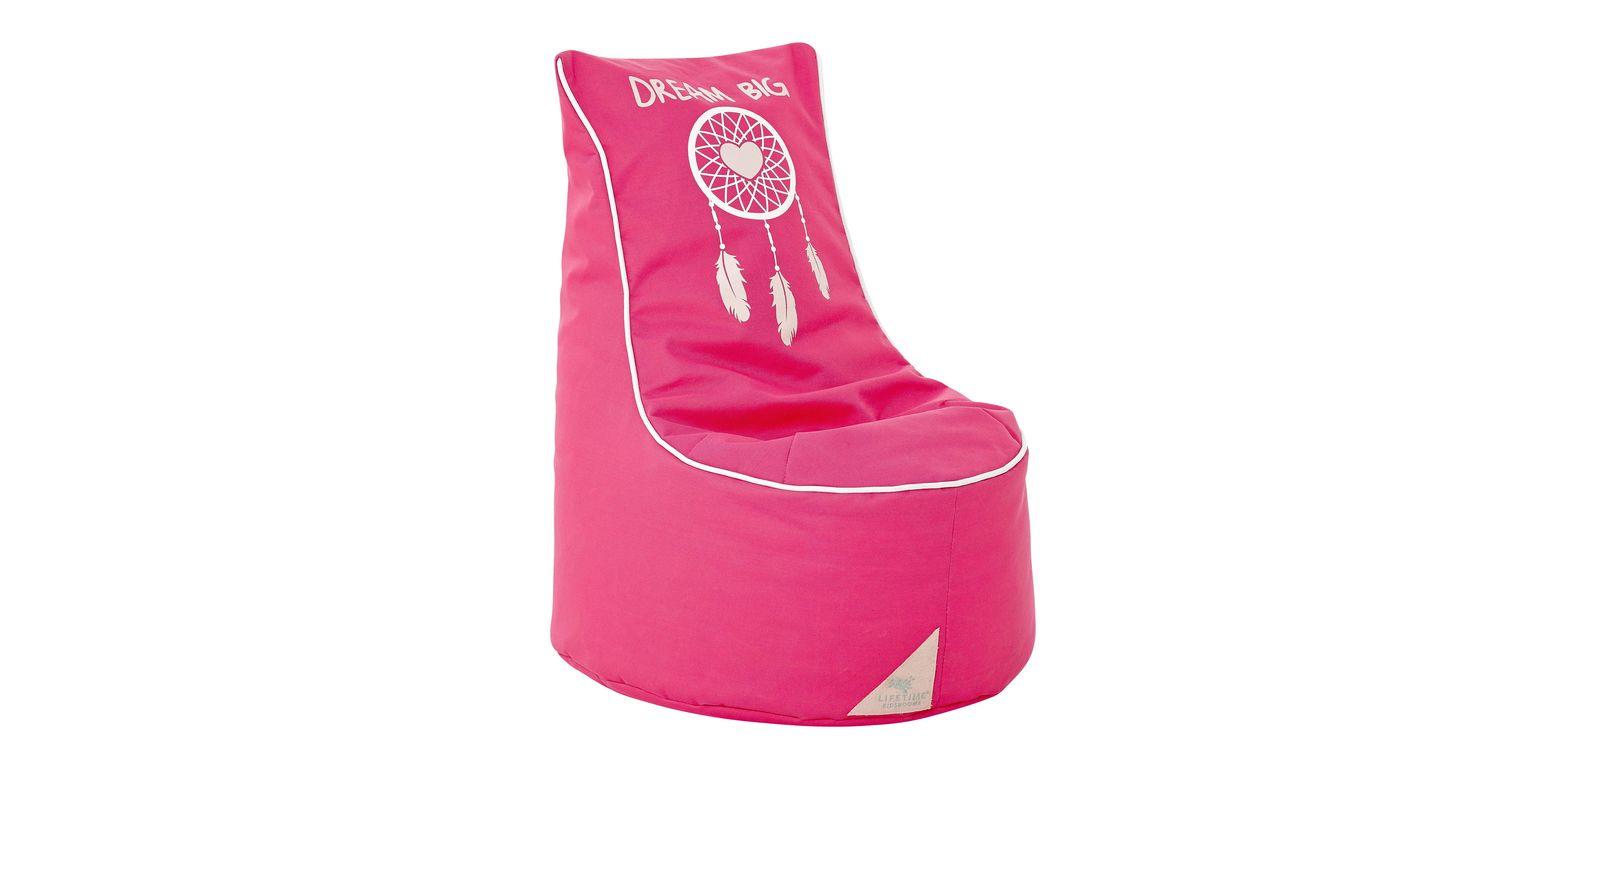 Mini Sitzsack Sioux der LIFETIME Reihe Sitzkissen und Sitzsäcke